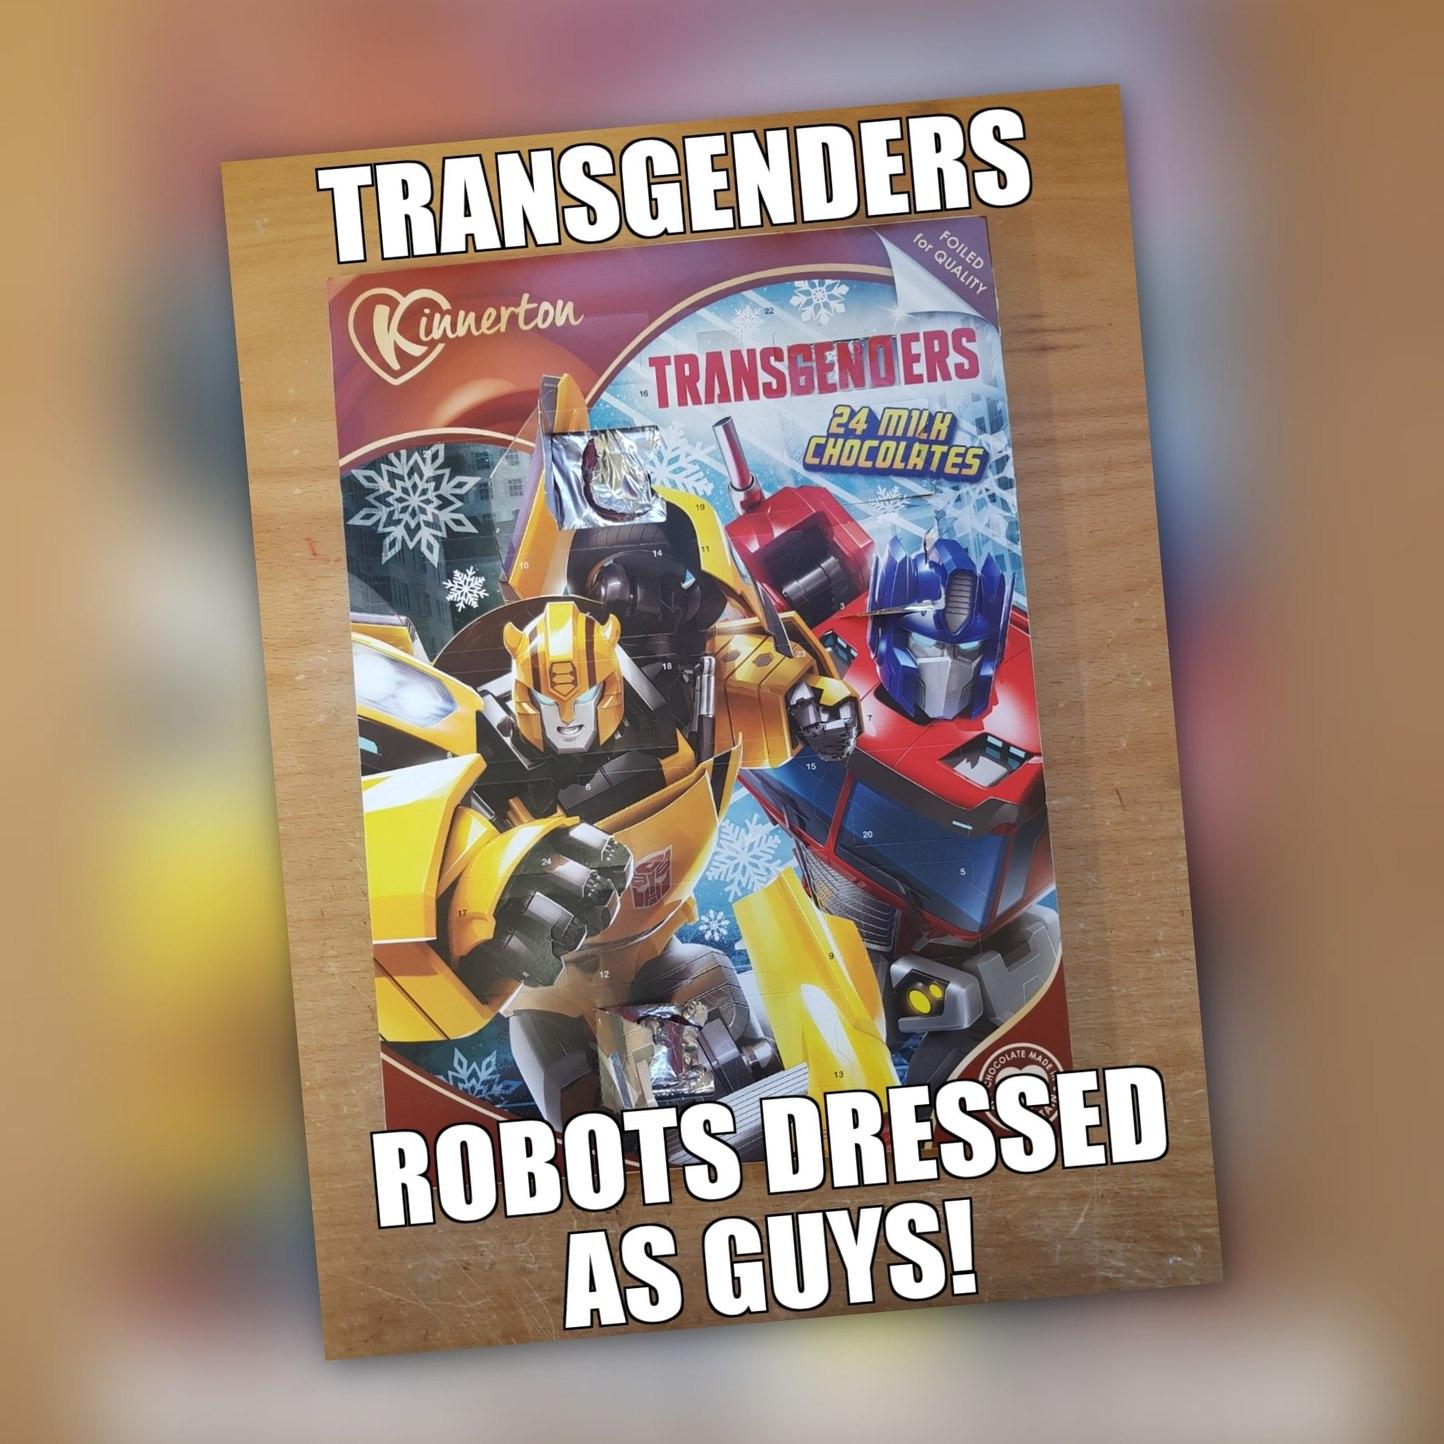 Transgenders - meme